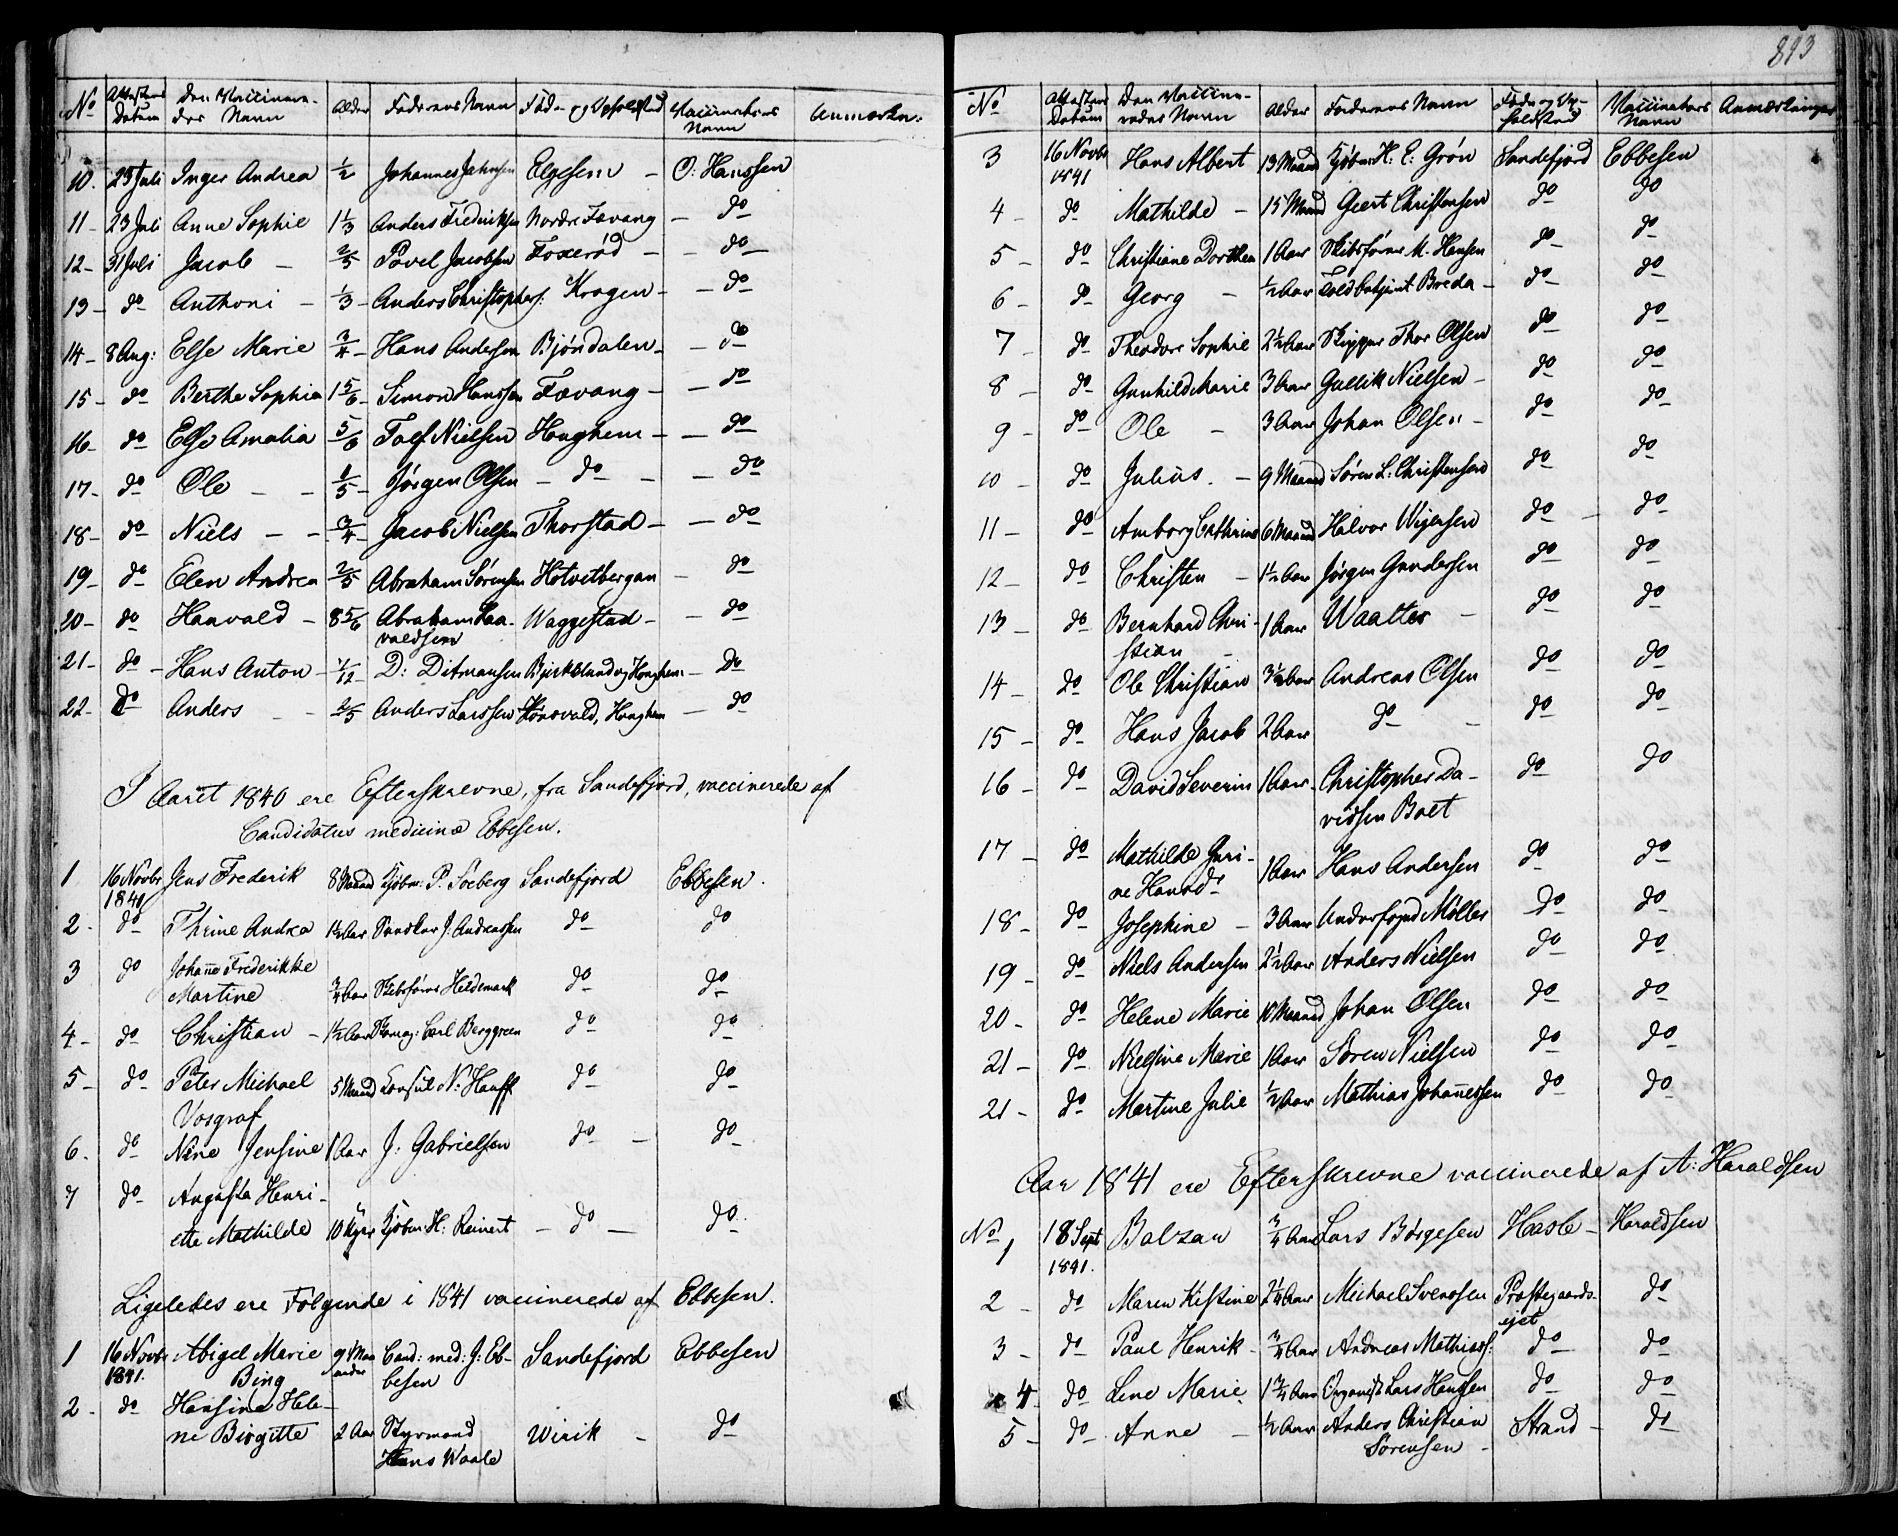 SAKO, Sandar kirkebøker, F/Fa/L0005: Ministerialbok nr. 5, 1832-1847, s. 892-893